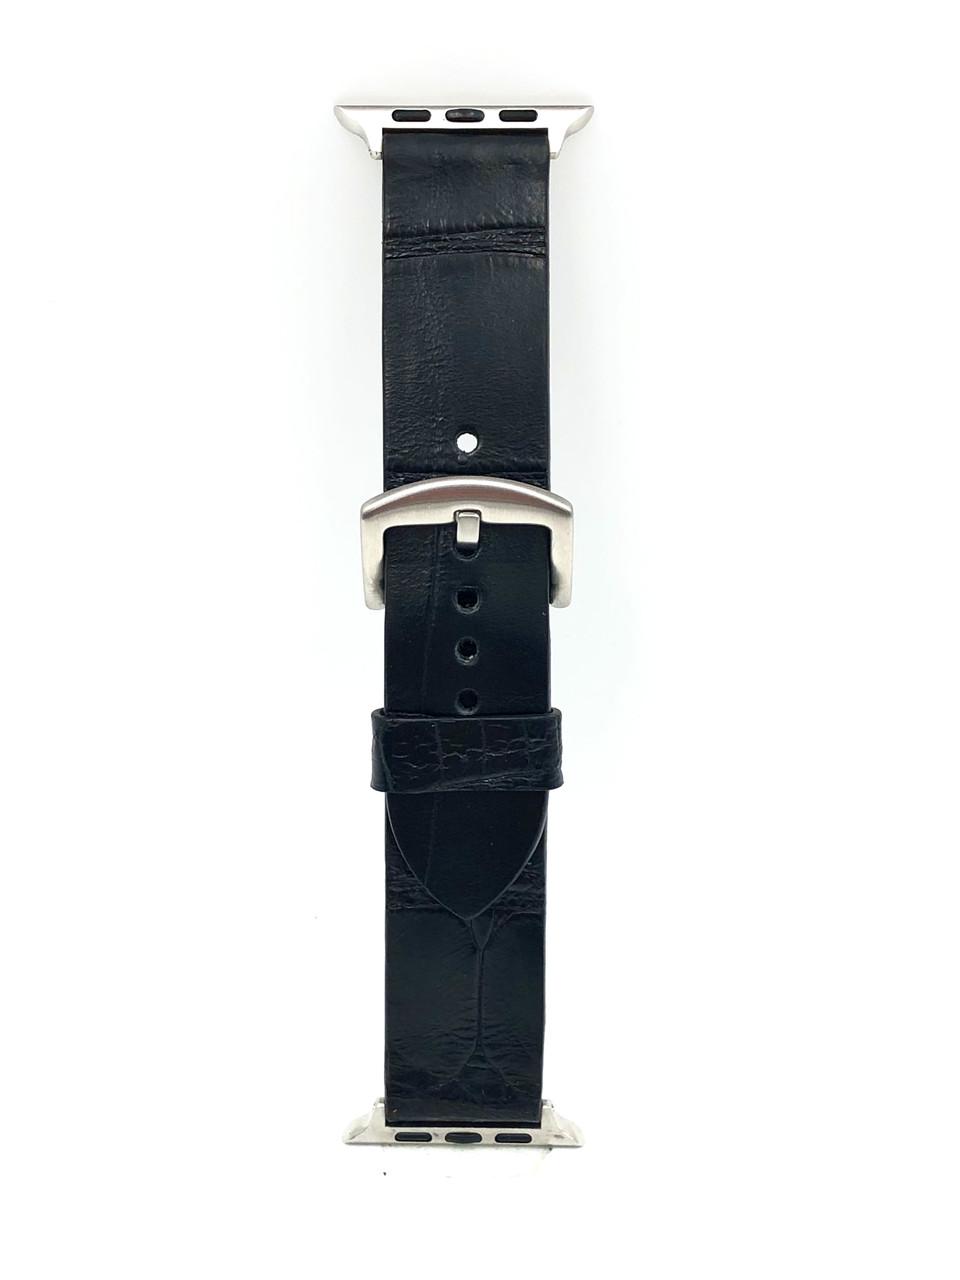 Ремешок для Apple Watch чёрного цвета из кожи Крокодила